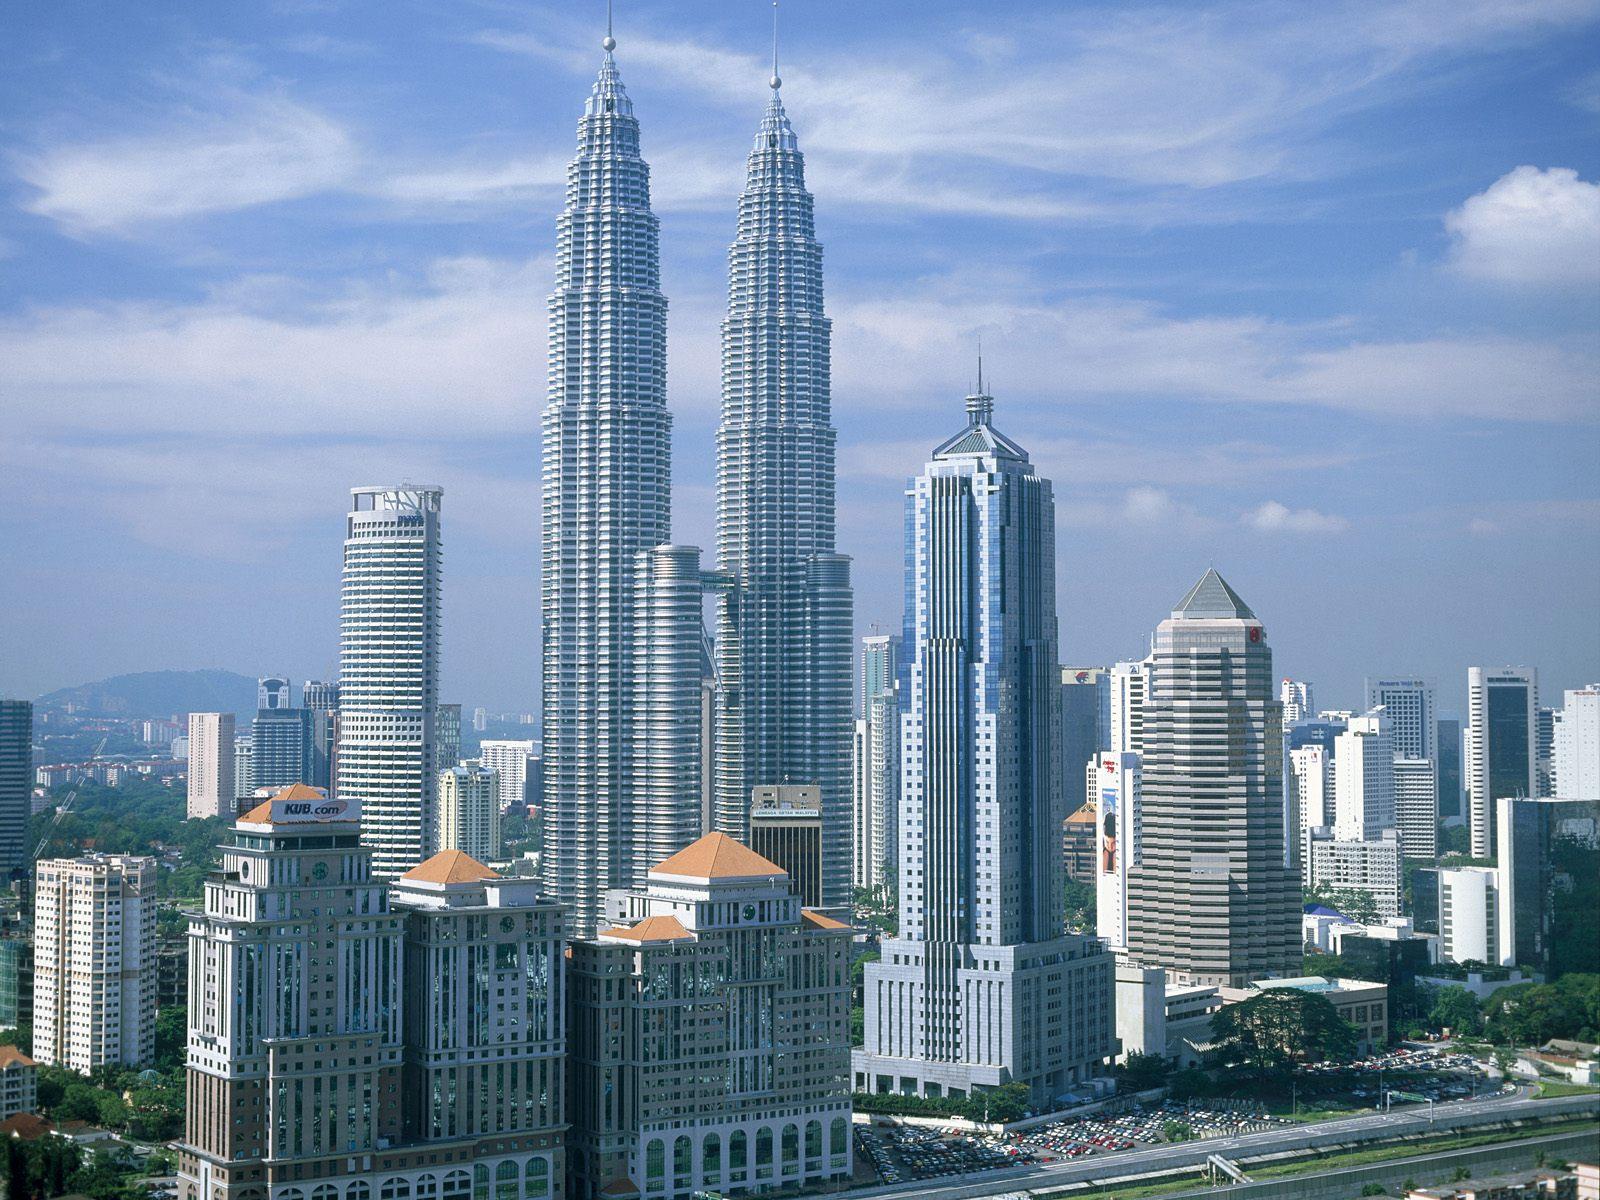 http://3.bp.blogspot.com/_34PE0ZEgM80/S_gLDHQckvI/AAAAAAAAPU0/JZo_3TB5y8A/s1600/Kuala+Lumpur+wallpaper+(1).jpg